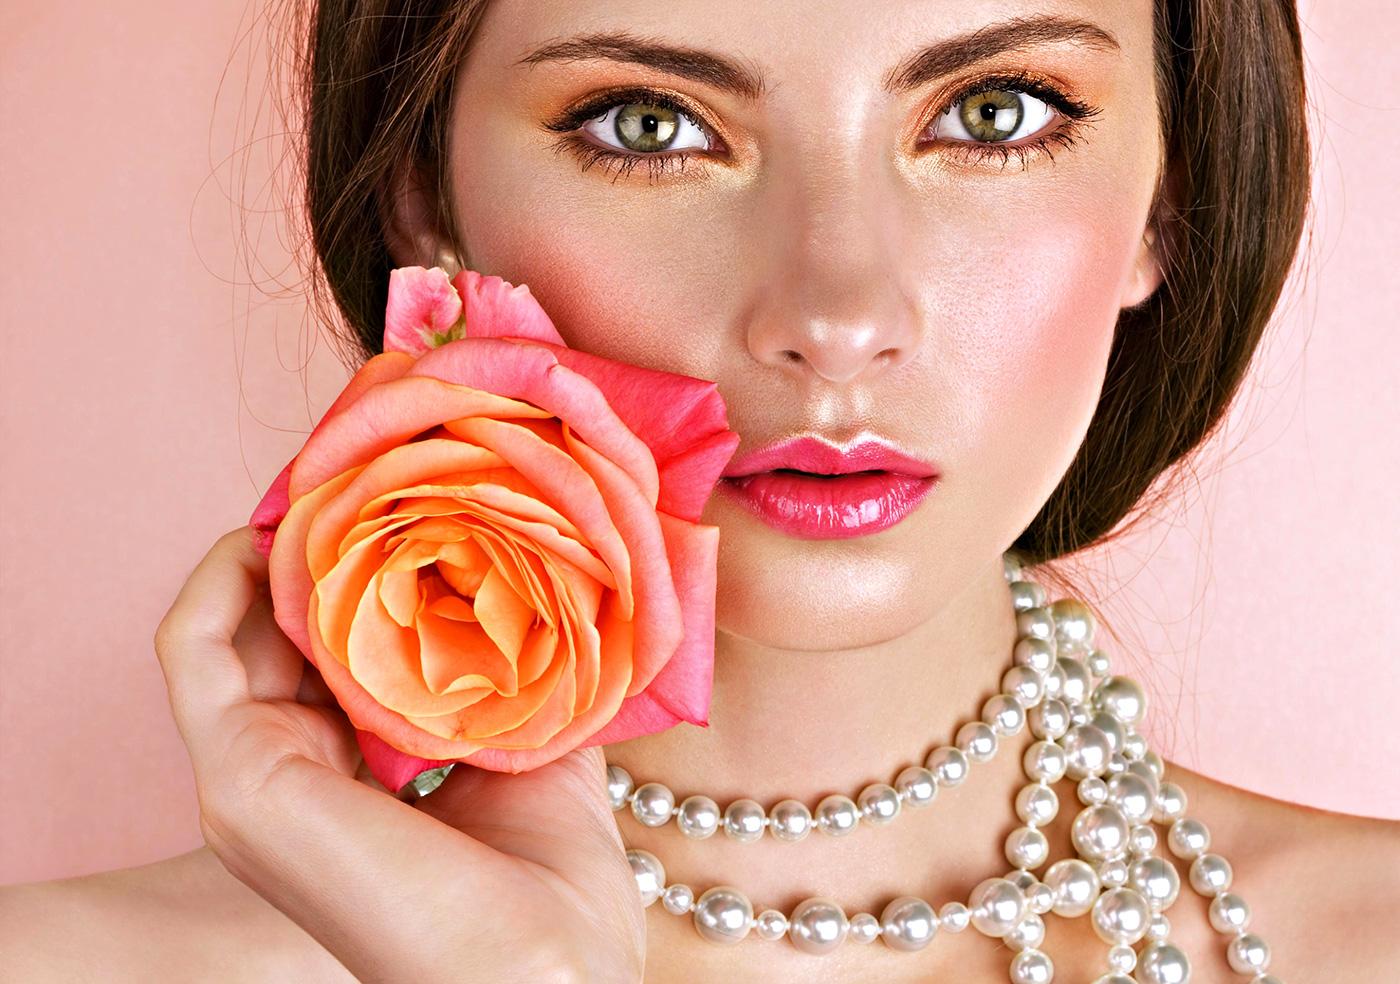 стихи для девушки о ее красоте: